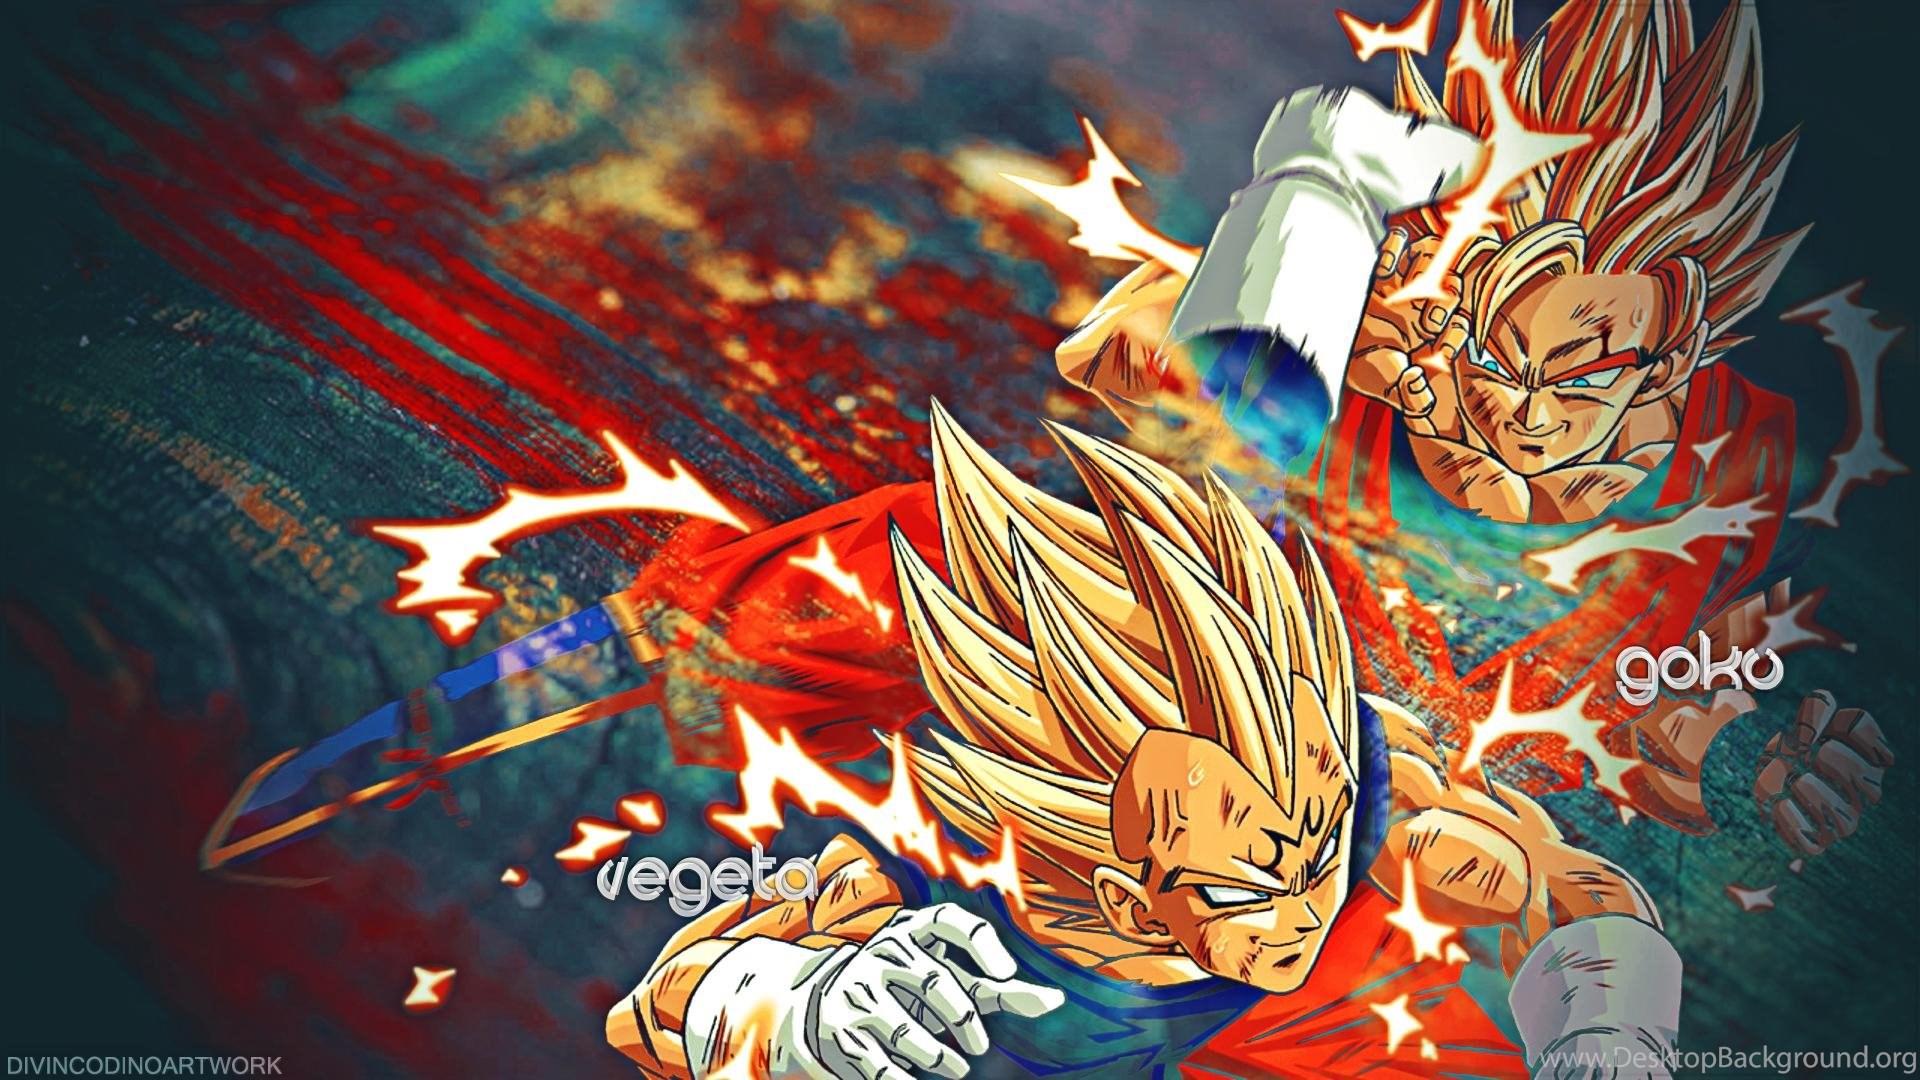 Dragon Ball Z Goku Vs Vegeta Saiyan Hd Wallpaper Desktop Png Desktop Background